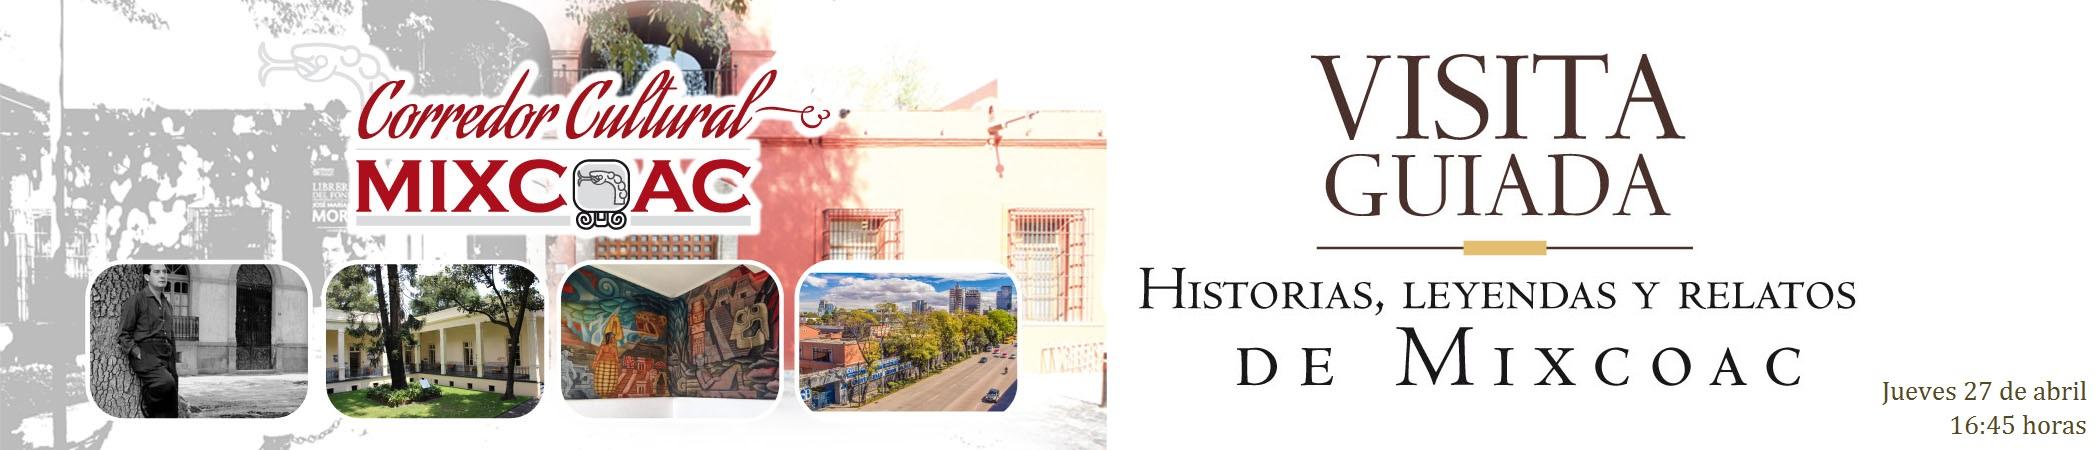 Visita guiada Historias, leyendas y relatos de Mixcoac